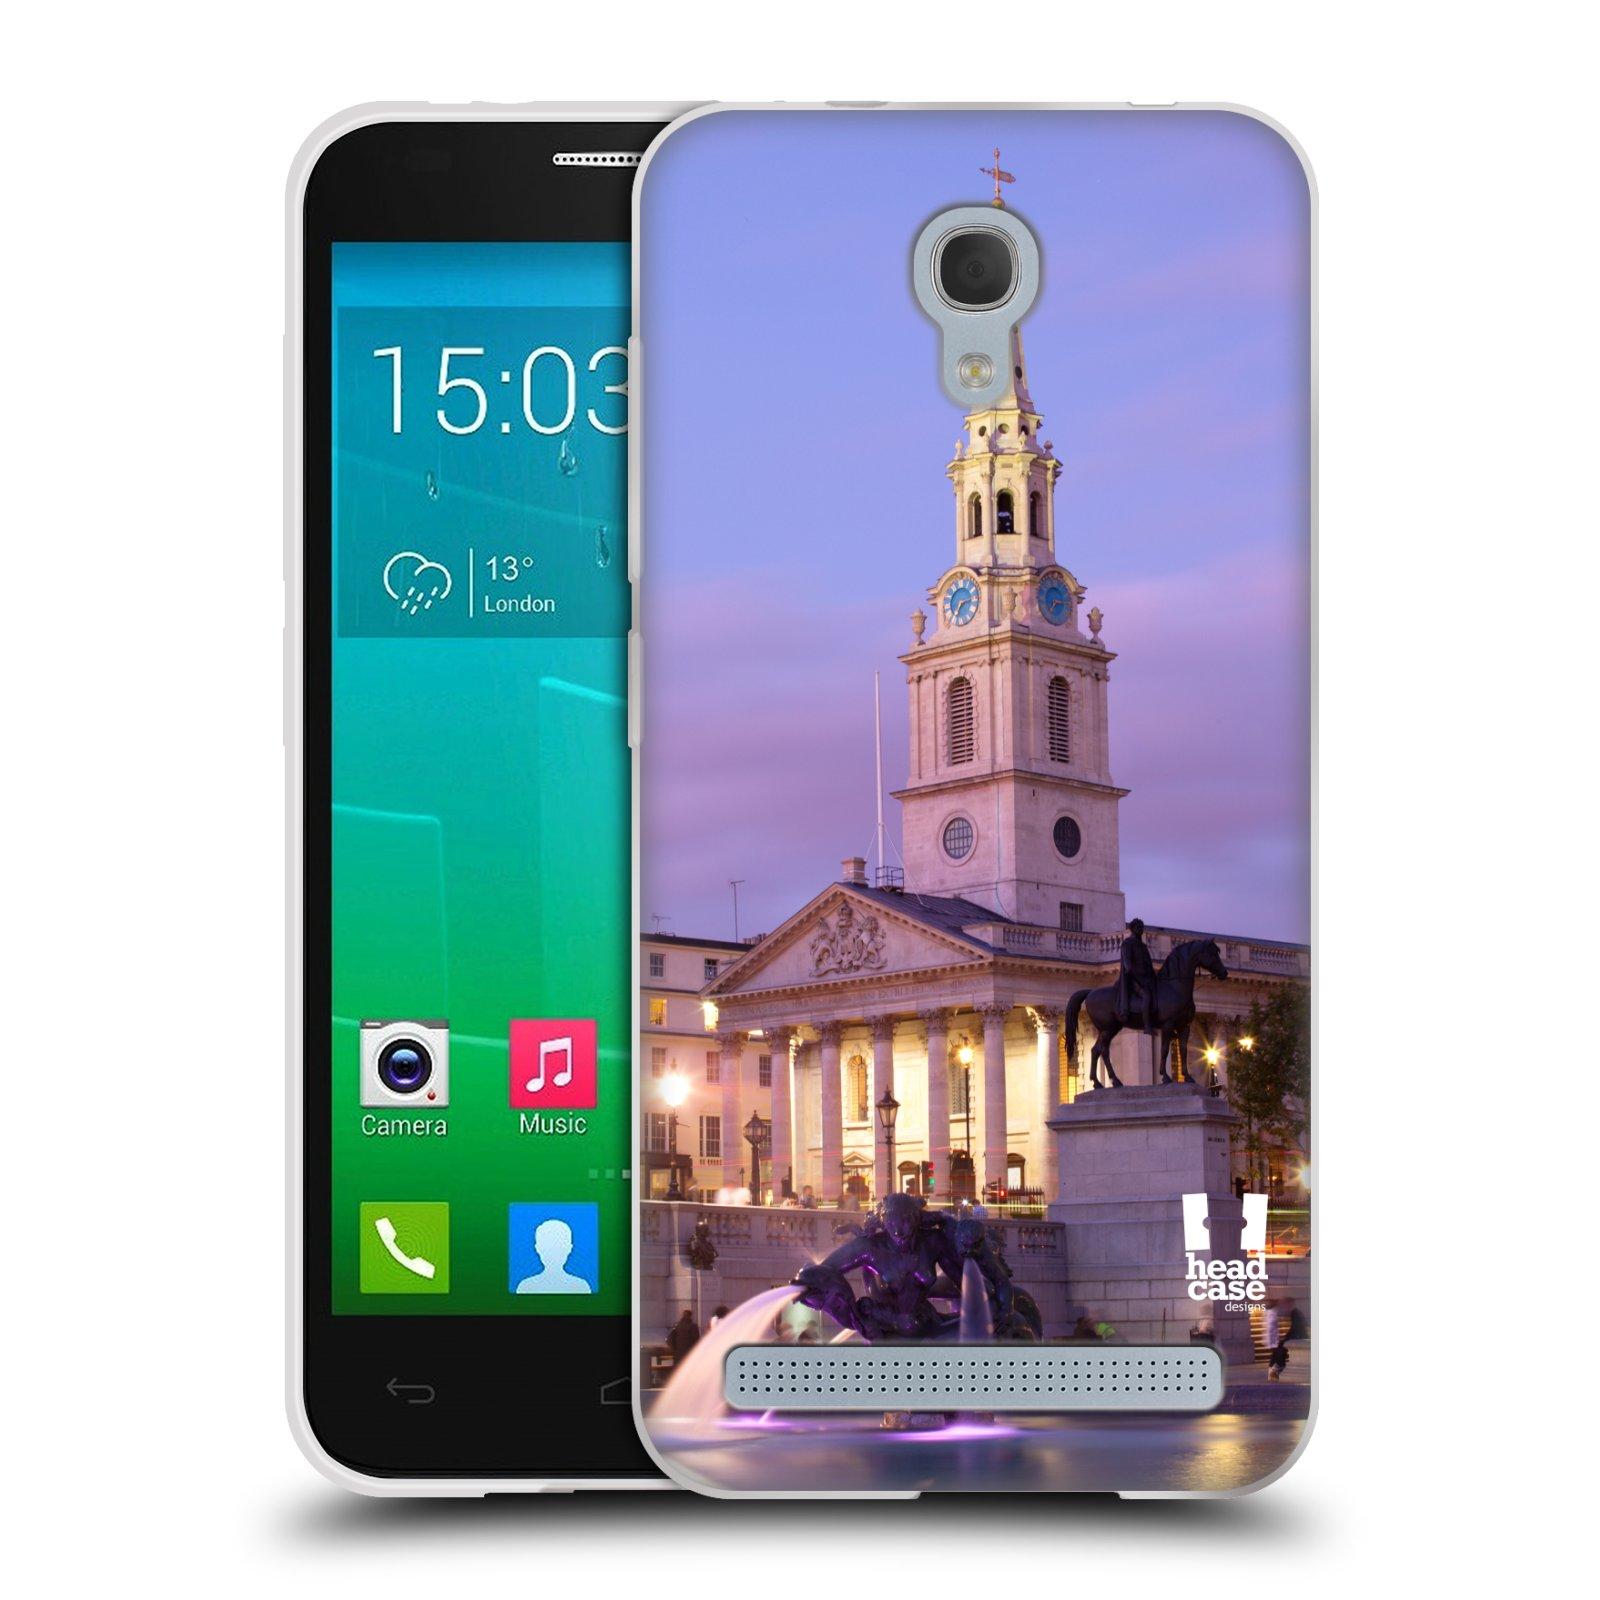 HEAD CASE silikonový obal na mobil Alcatel Idol 2 MINI S 6036Y vzor Města foto náměstí ANGLIE, LONDÝN, TRAFALGAR VĚŽ HODINY